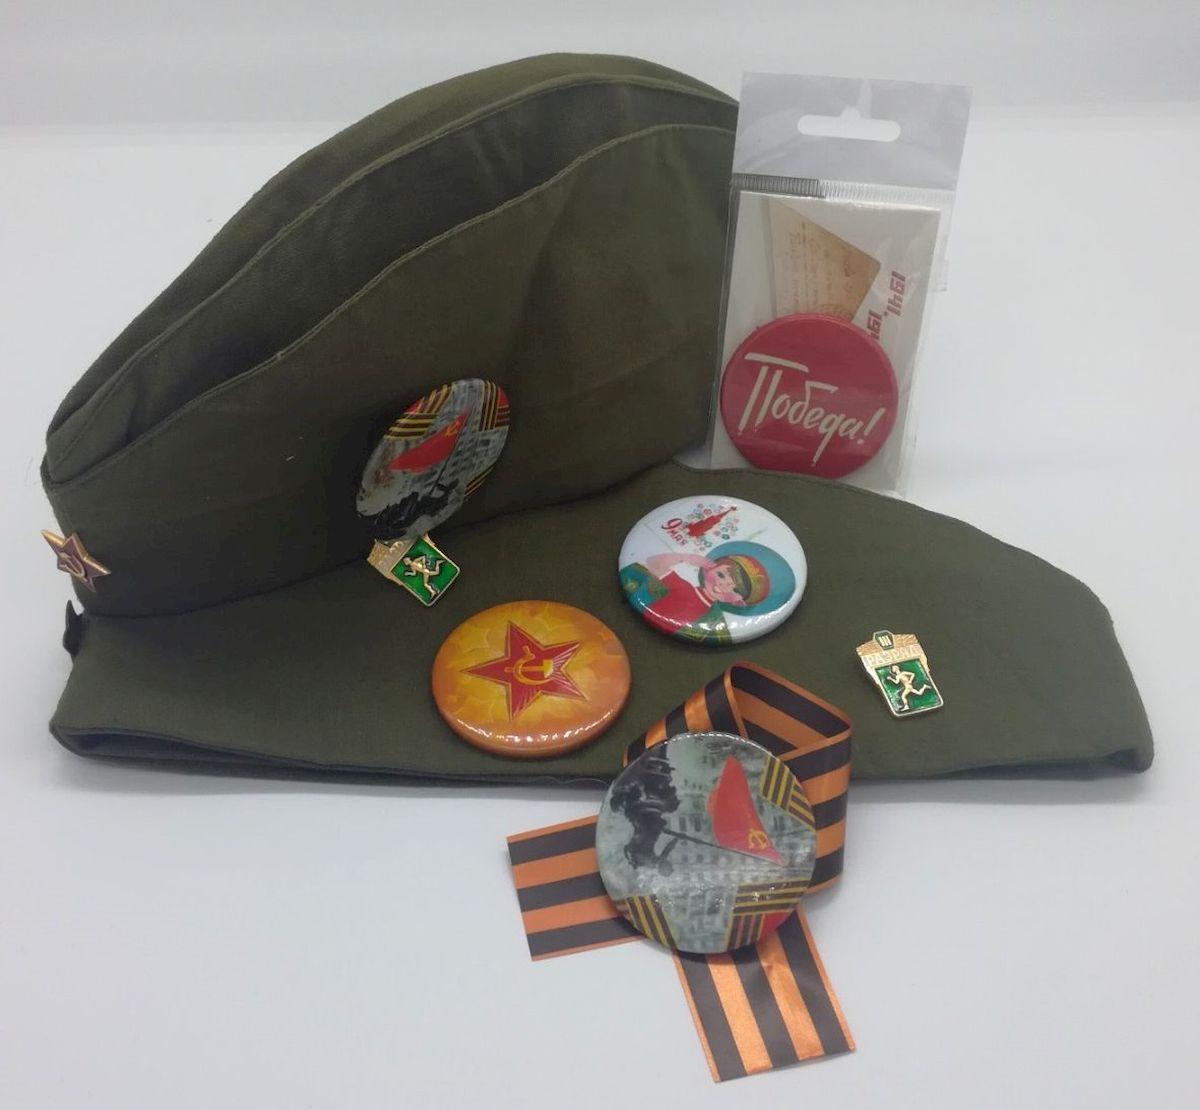 Сувенирный набор Даринчи Пилотка, значки и ленточка gernro акриловые значки для одежды буквы и кошки значки значков значков на рюкзаке